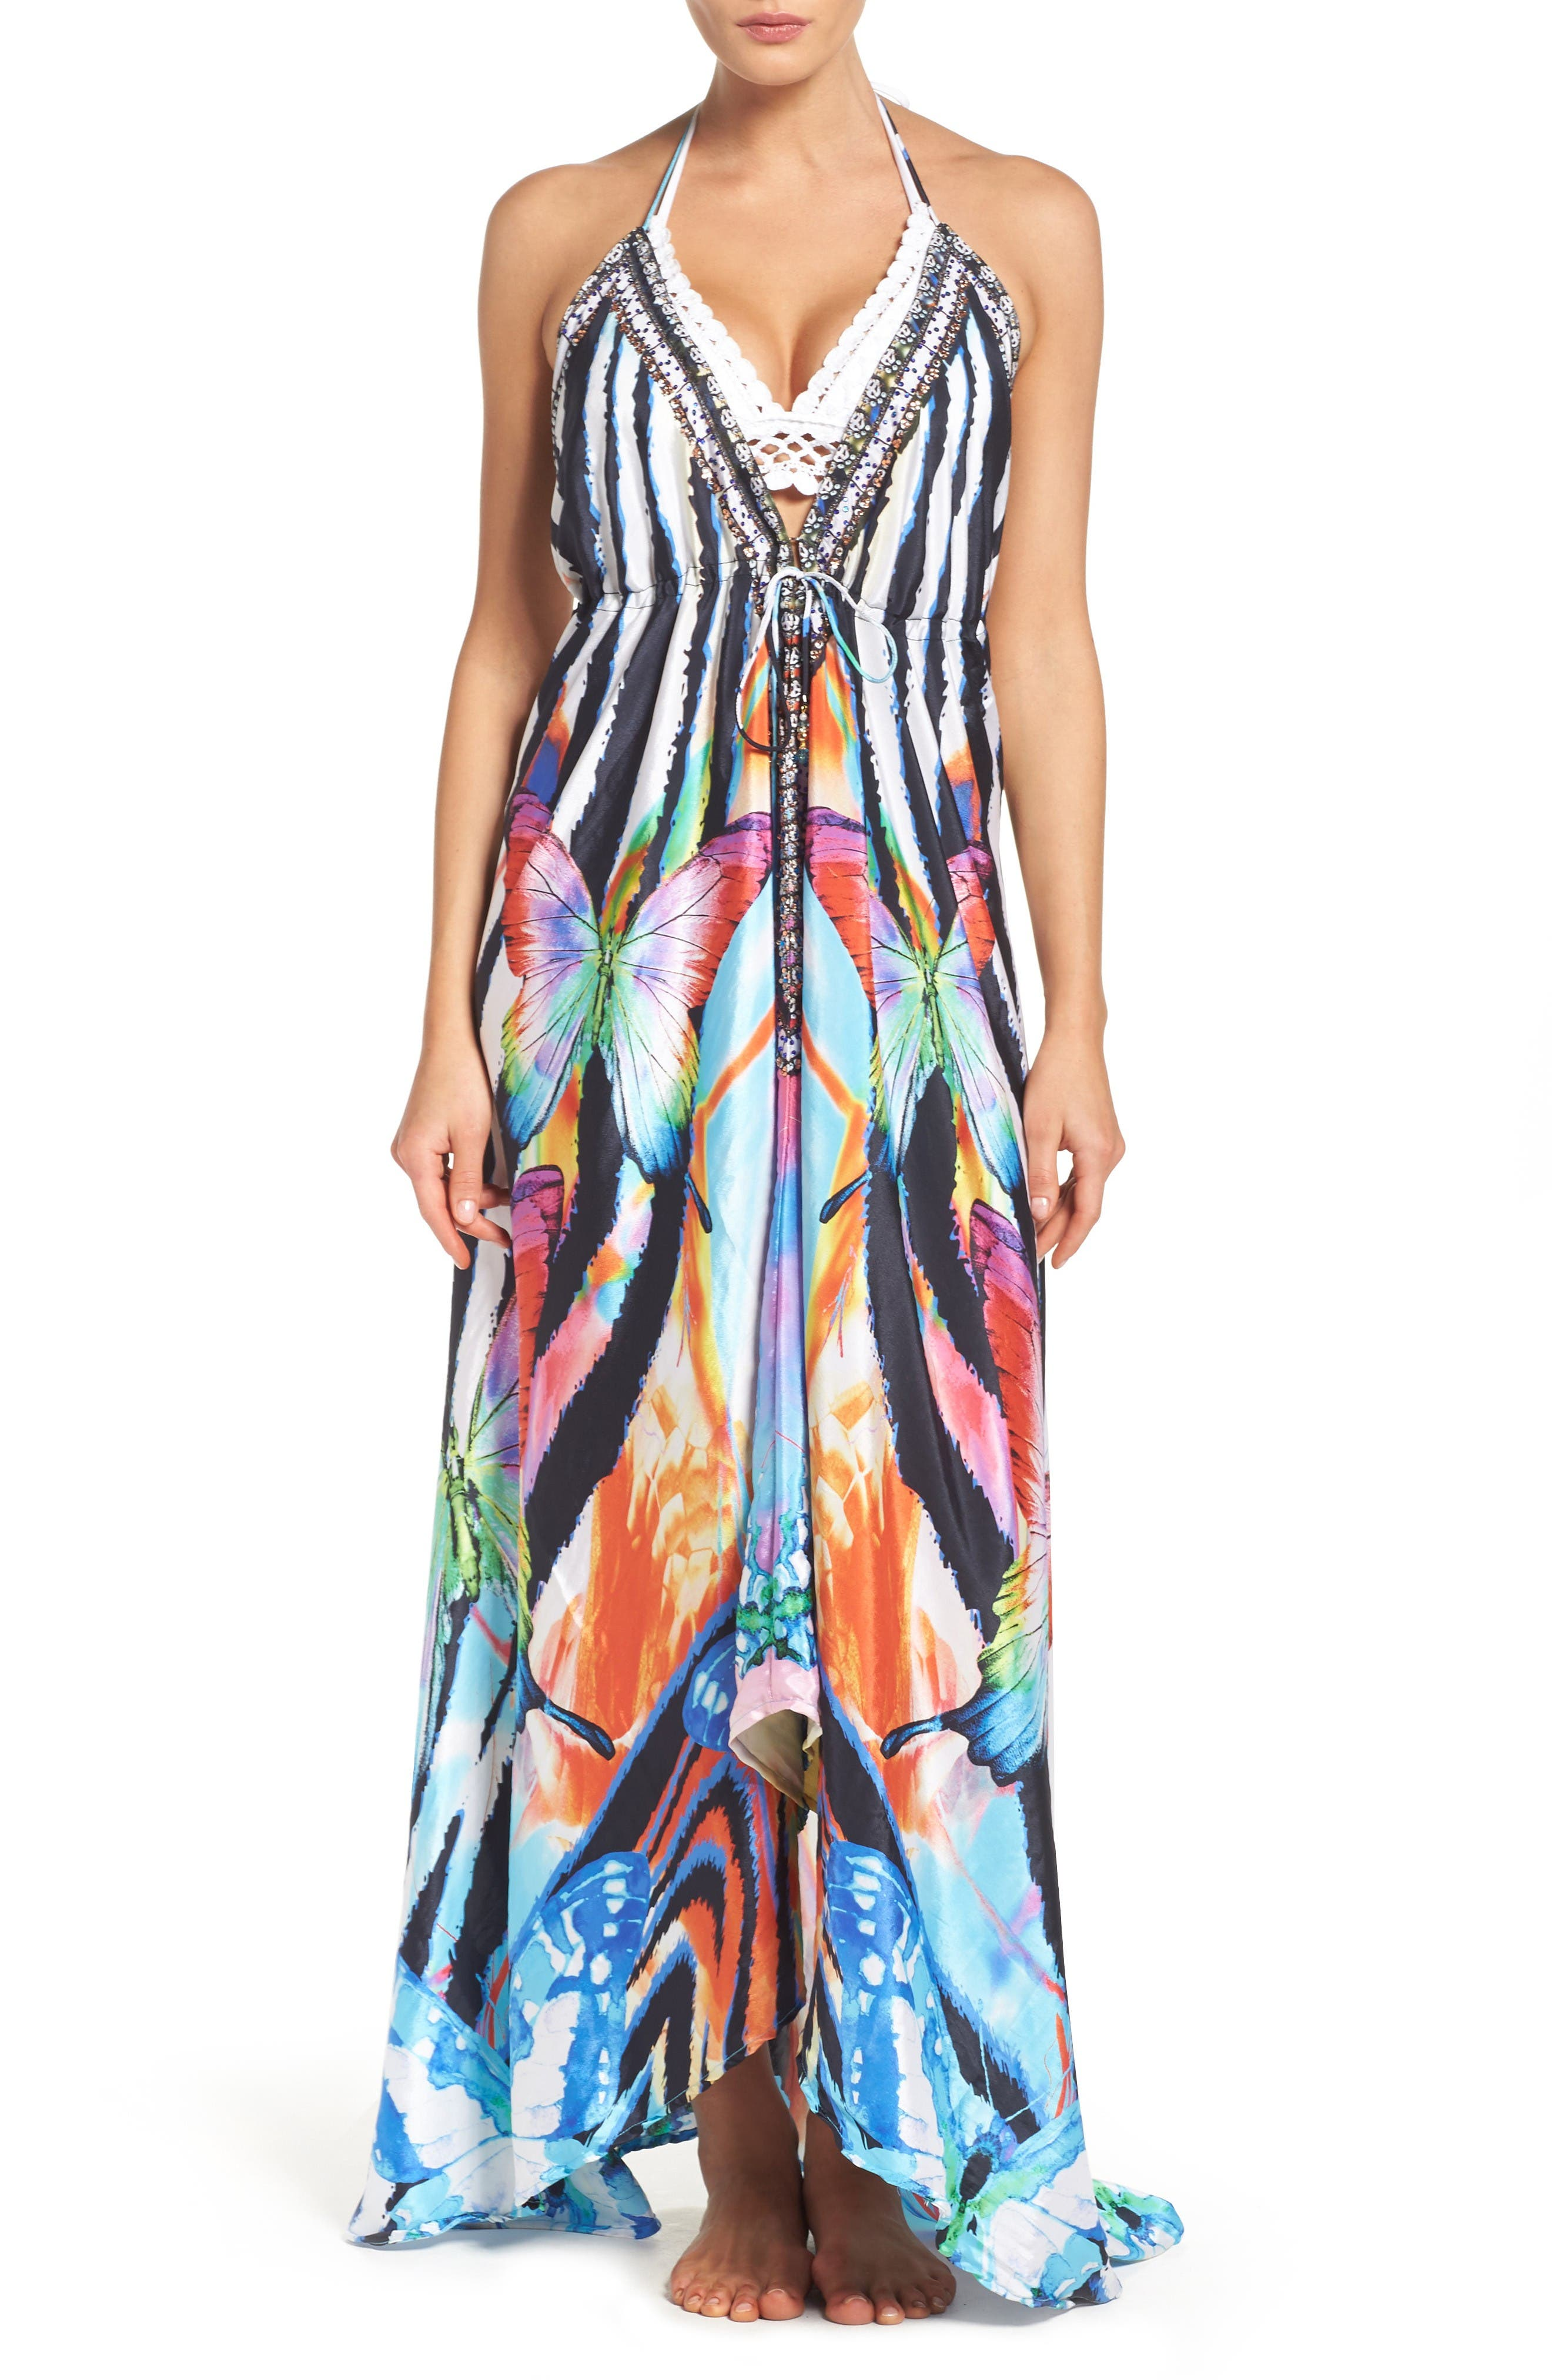 Main Image - Asa Kaftans Tortuga Cover-Up Maxi Dress